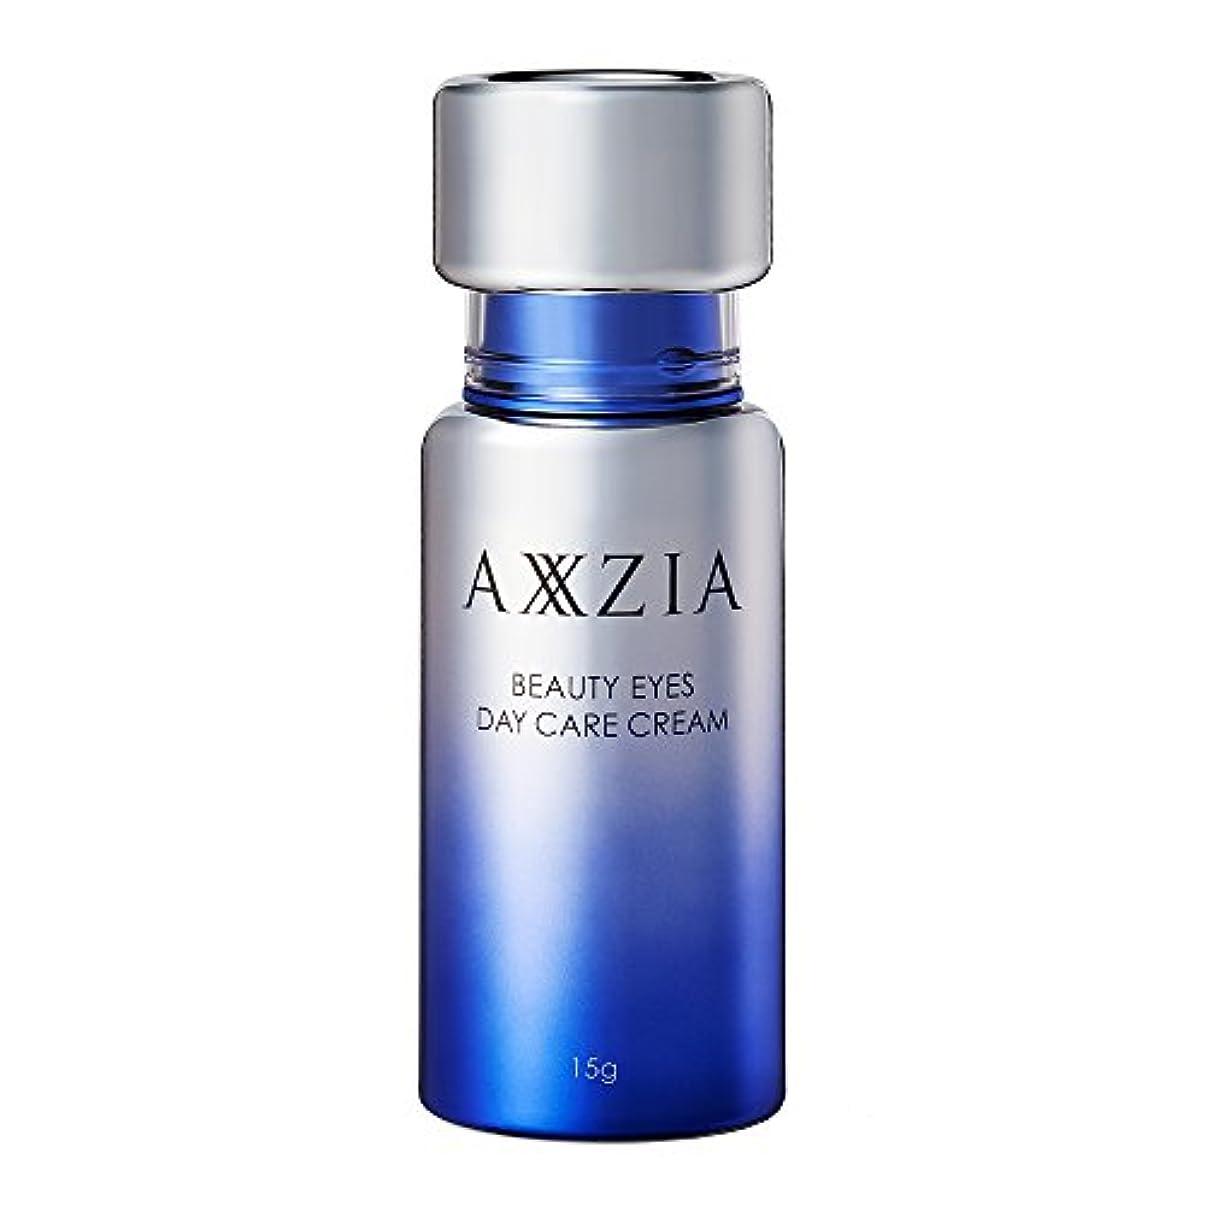 マイナーパックイベントアクシージア (AXXZIA) ビューティアイズ デイ ケア クリーム 15g | アイクリーム 目の下のたるみ 化粧品 解消 目元のたるみ